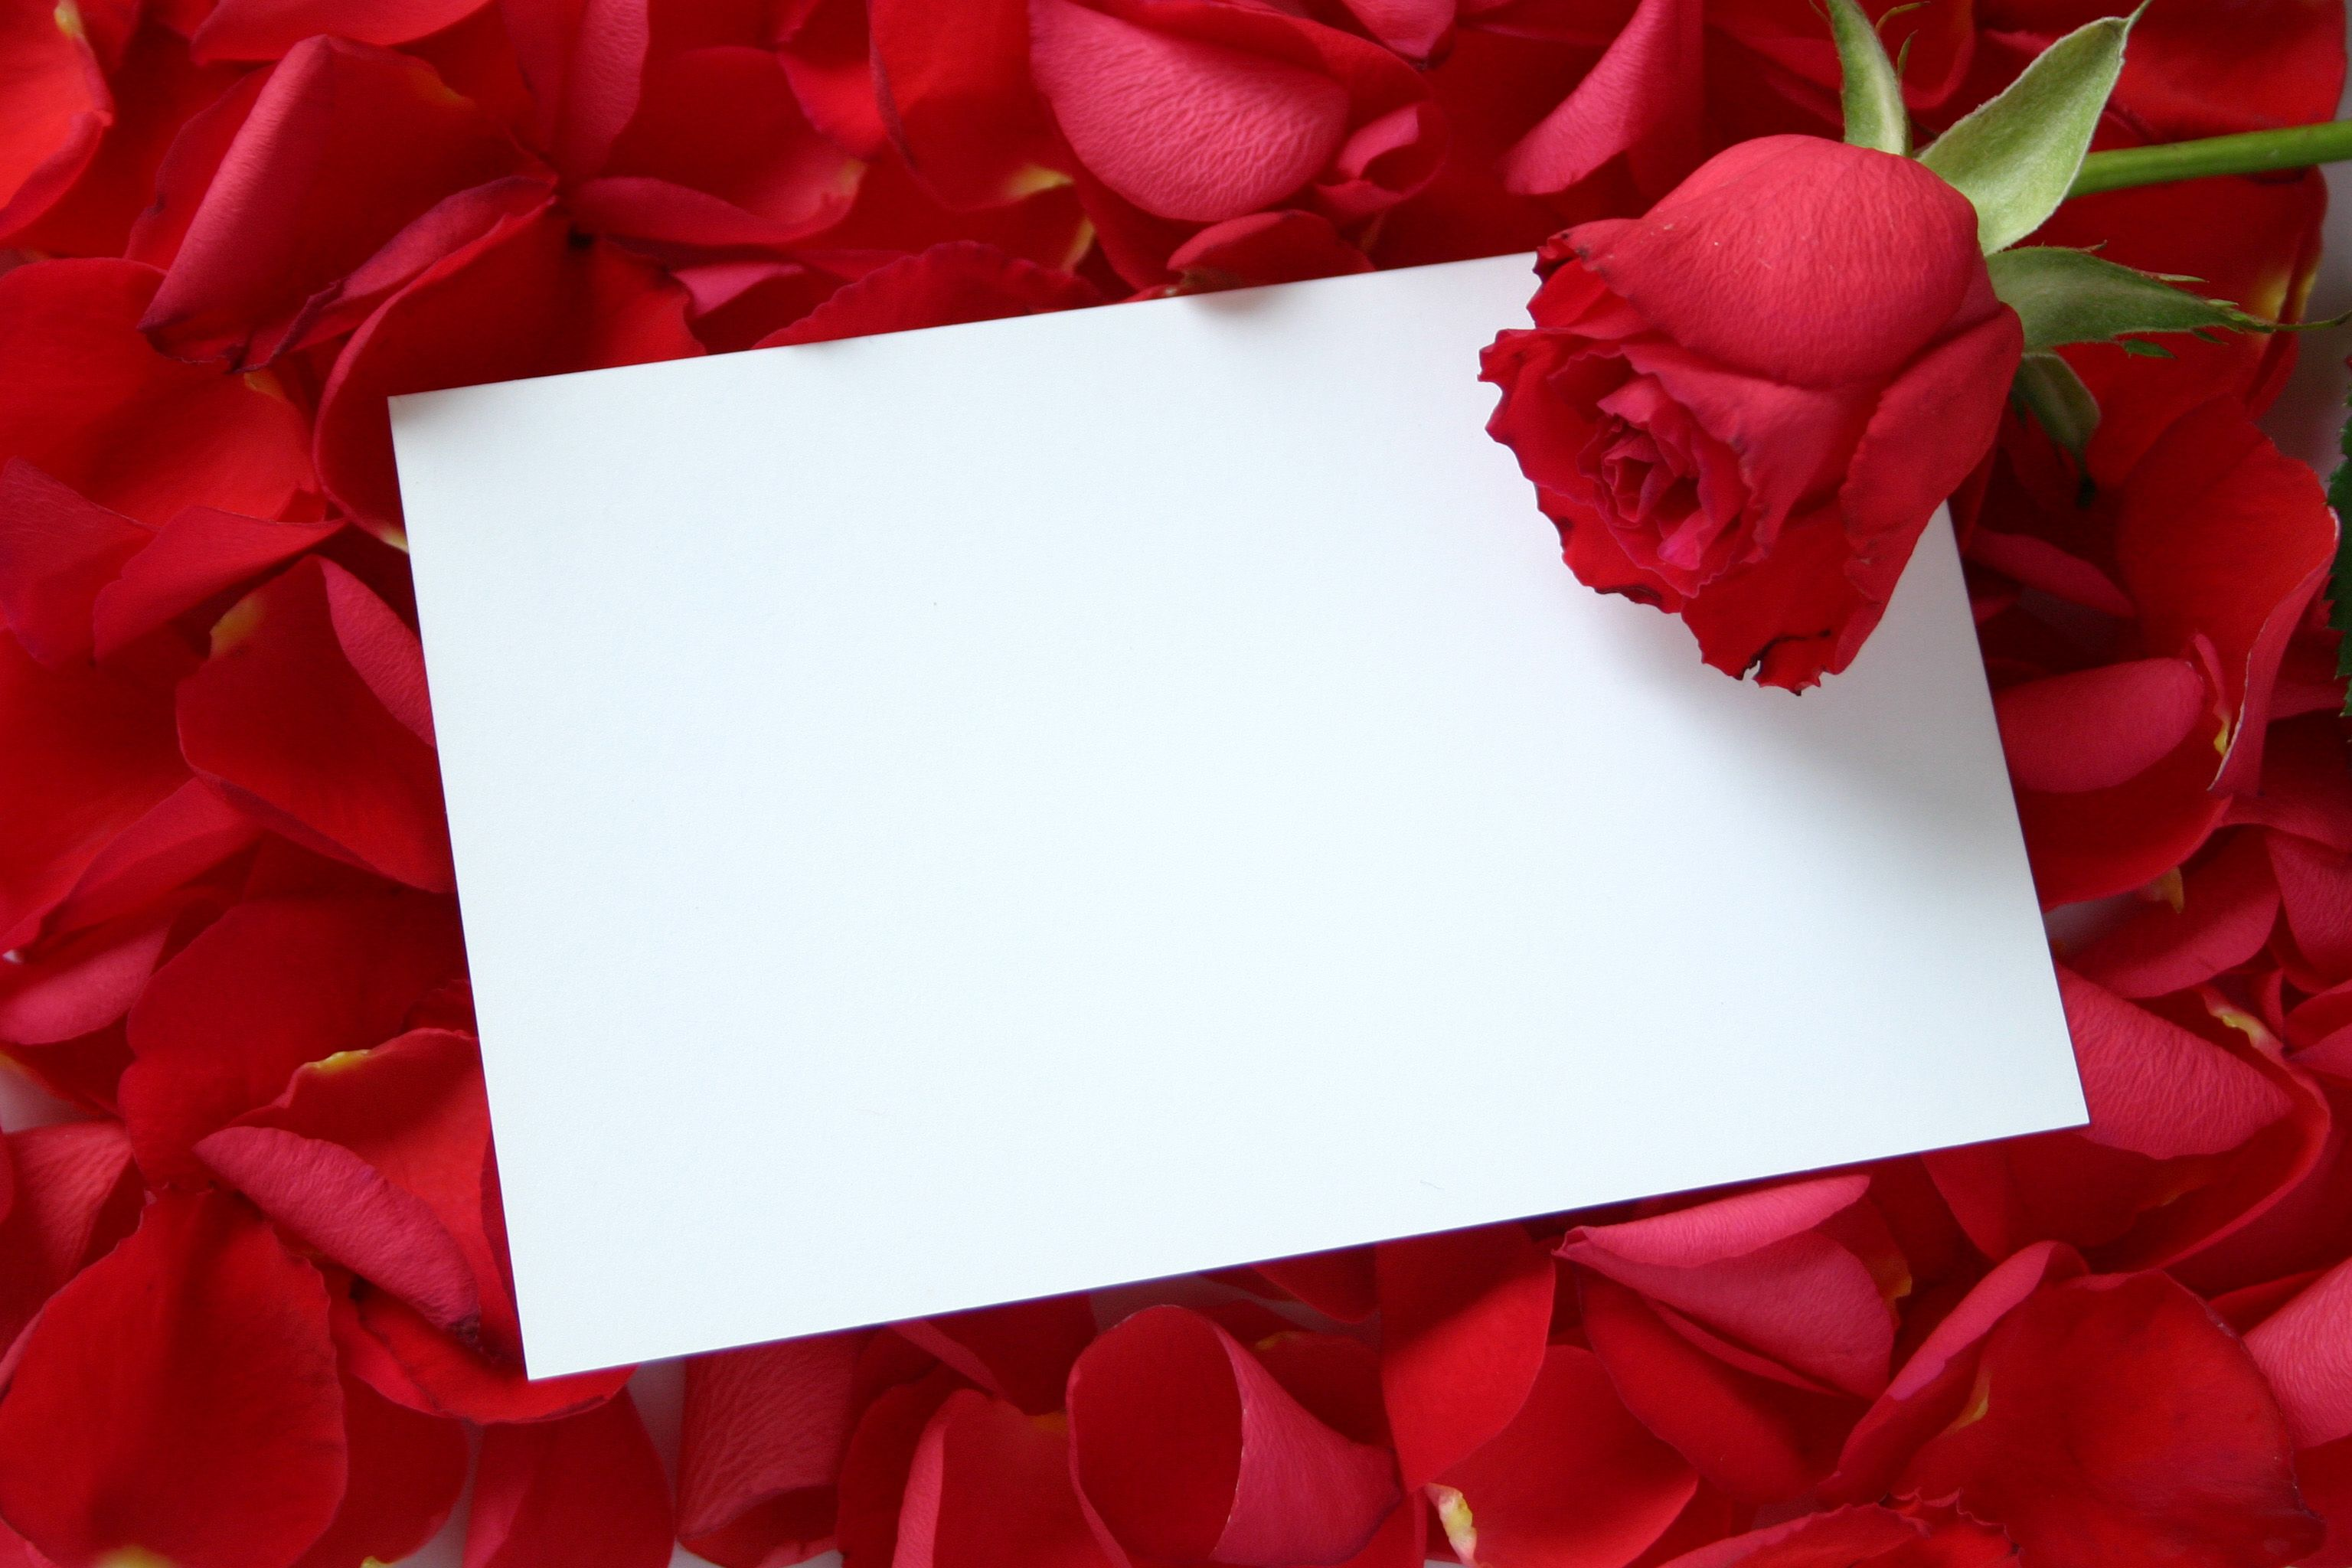 Fondos De Rosas Rojas Para Postales Y Tarjetas and post Fondos De ...